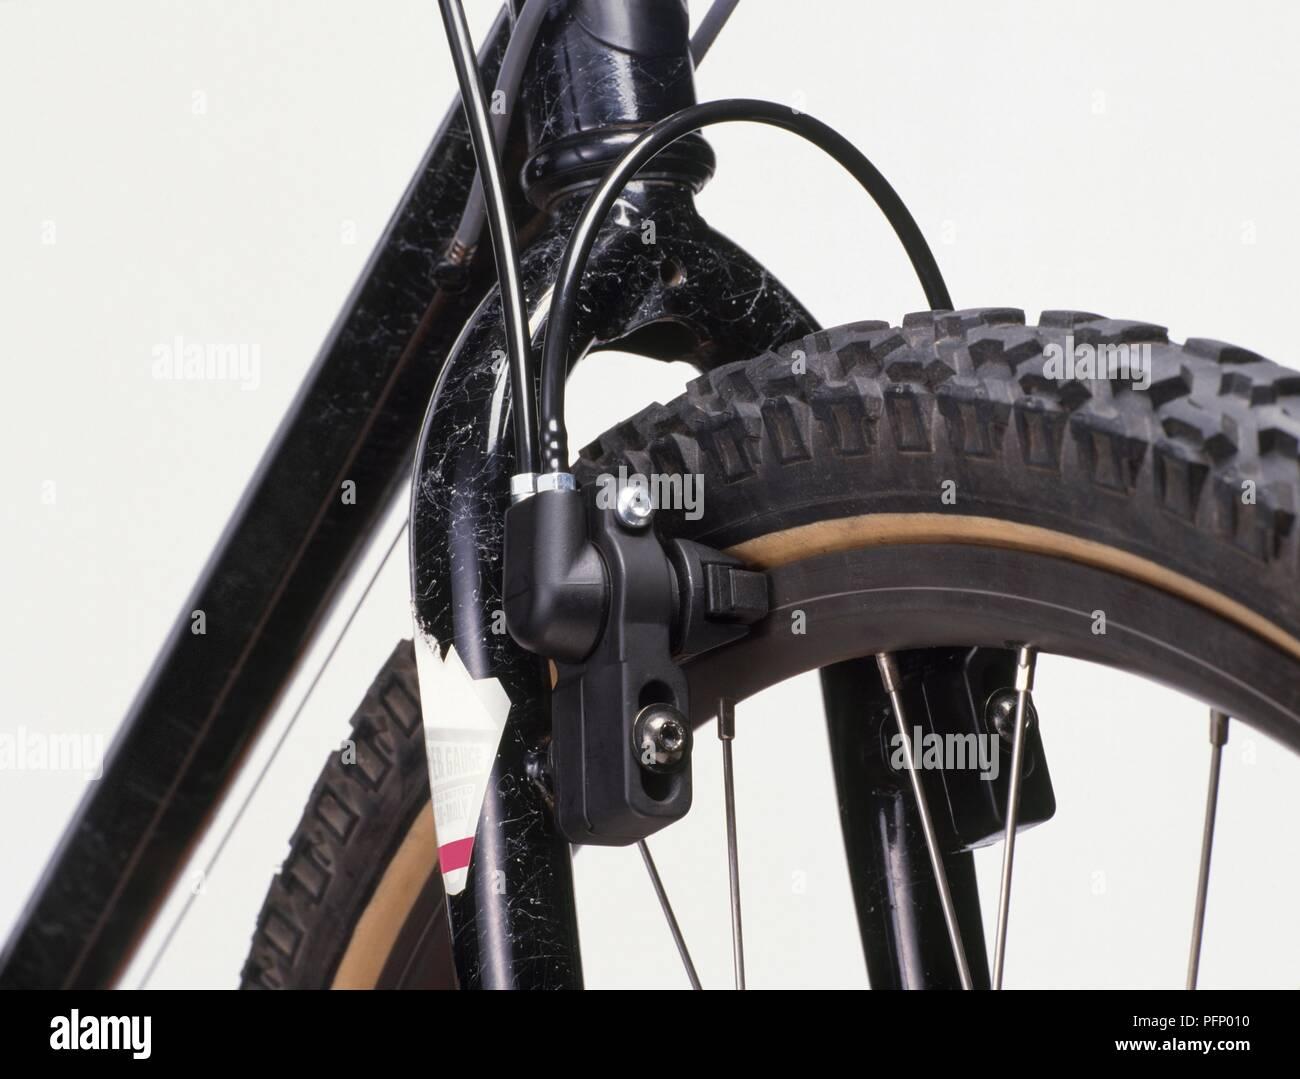 nahaufnahme der hydraulischen bremse am vorderrad von. Black Bedroom Furniture Sets. Home Design Ideas